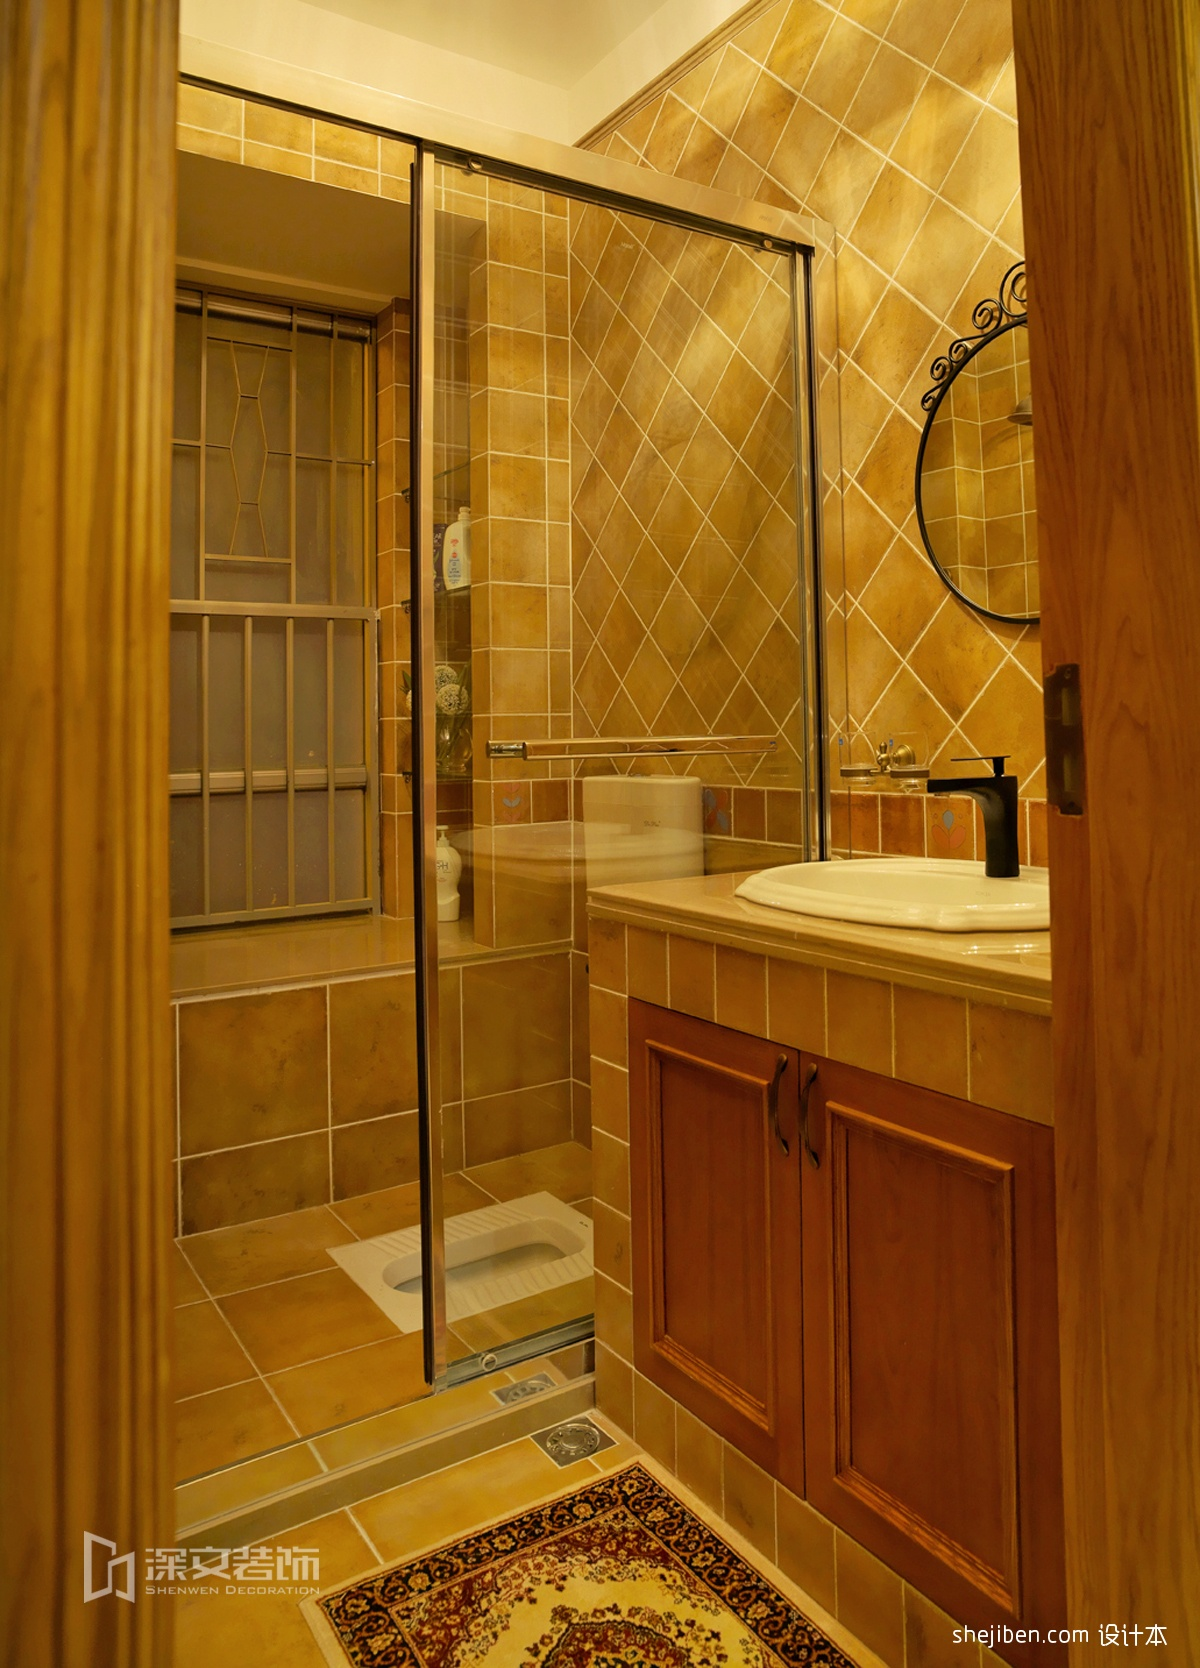 主卫生间蹲坑棕色墙砖洗手台装修图片